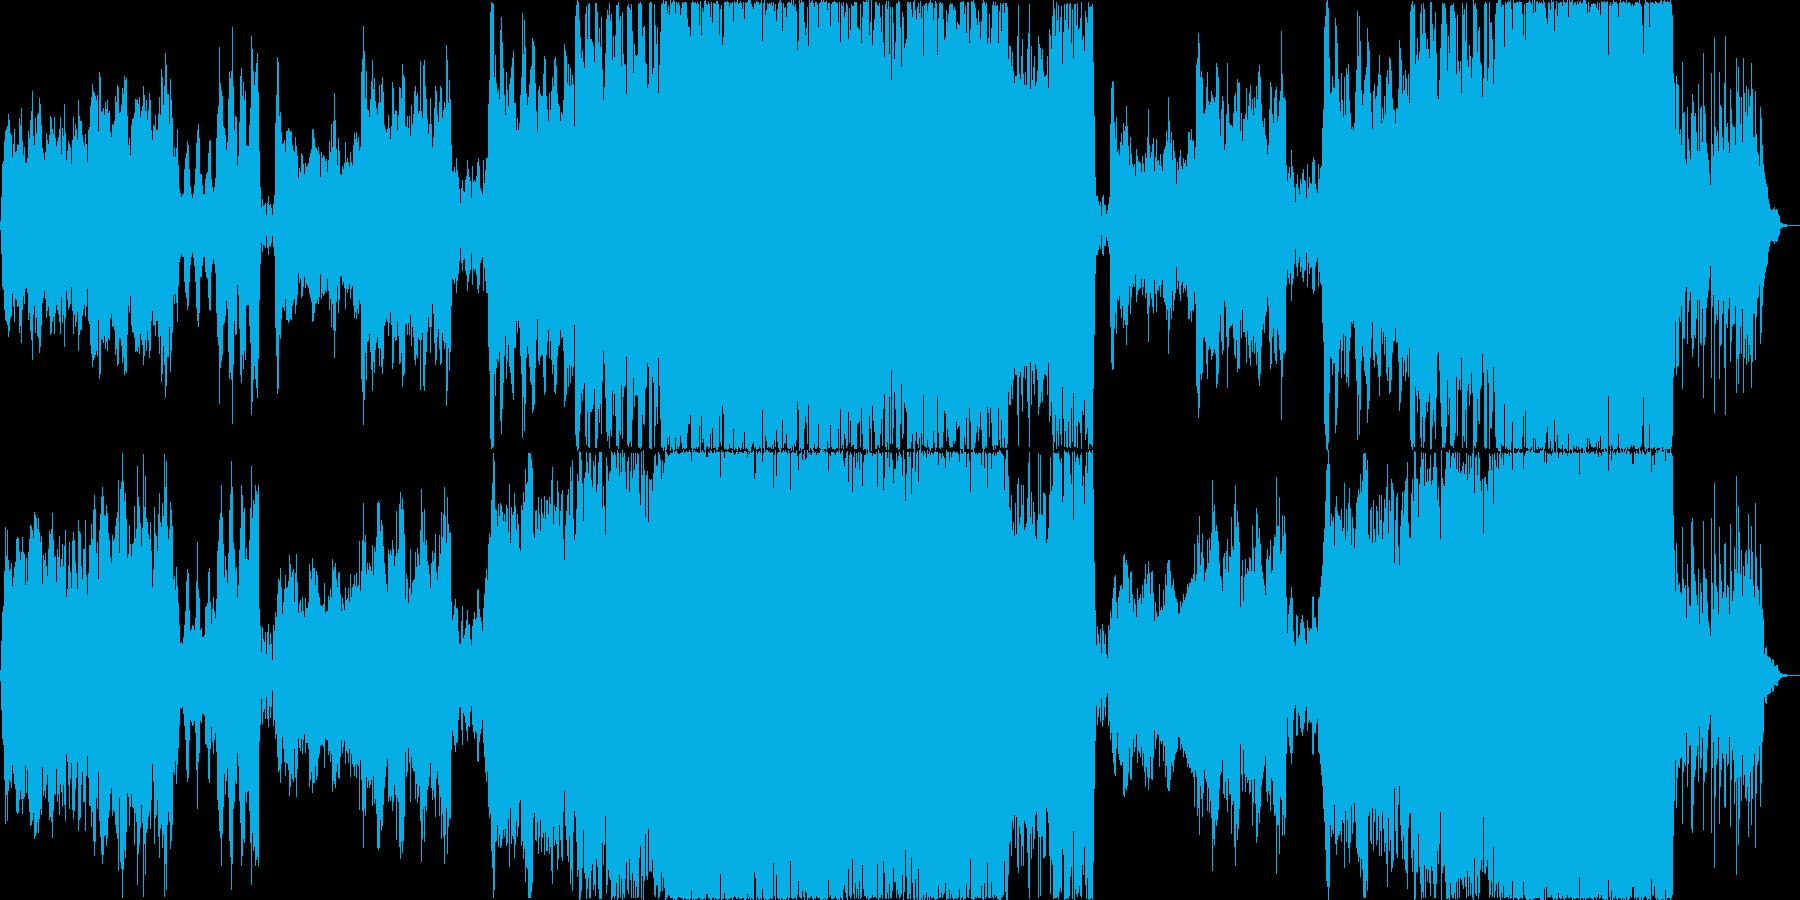 ほのぼのしたオーケストラの再生済みの波形